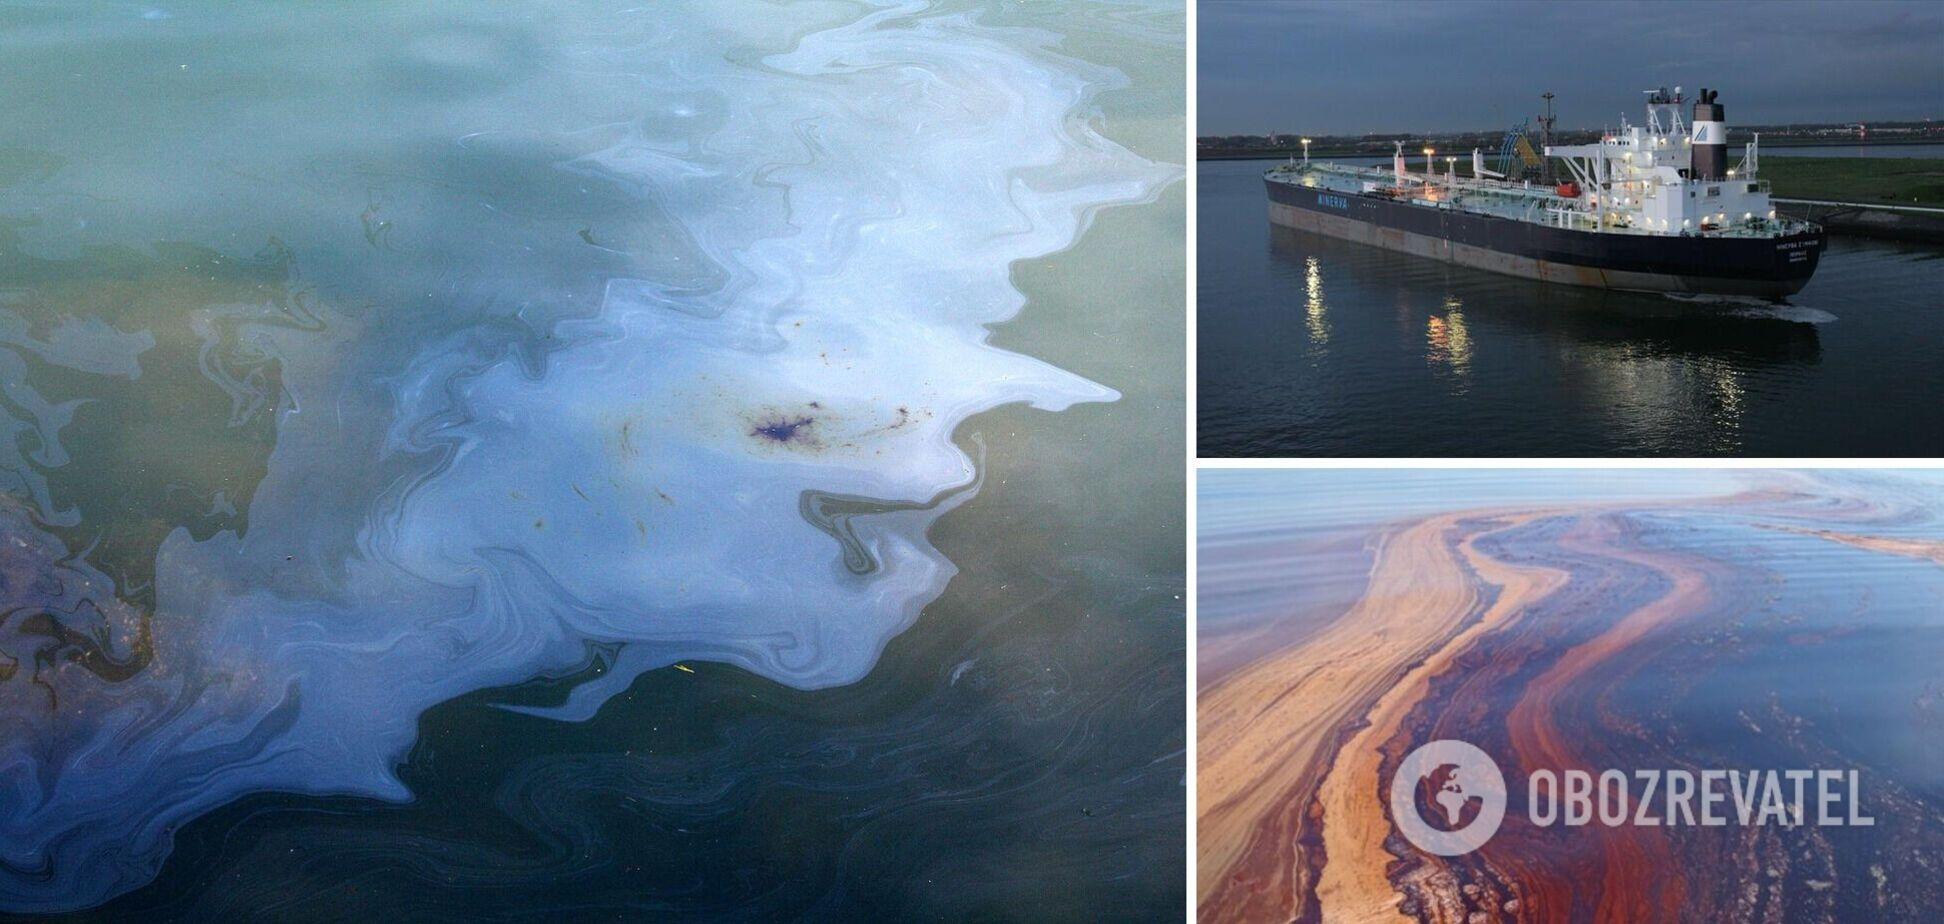 У Чорному морі трапився масштабний розлив нафти: вчені говорять про екокатастрофу